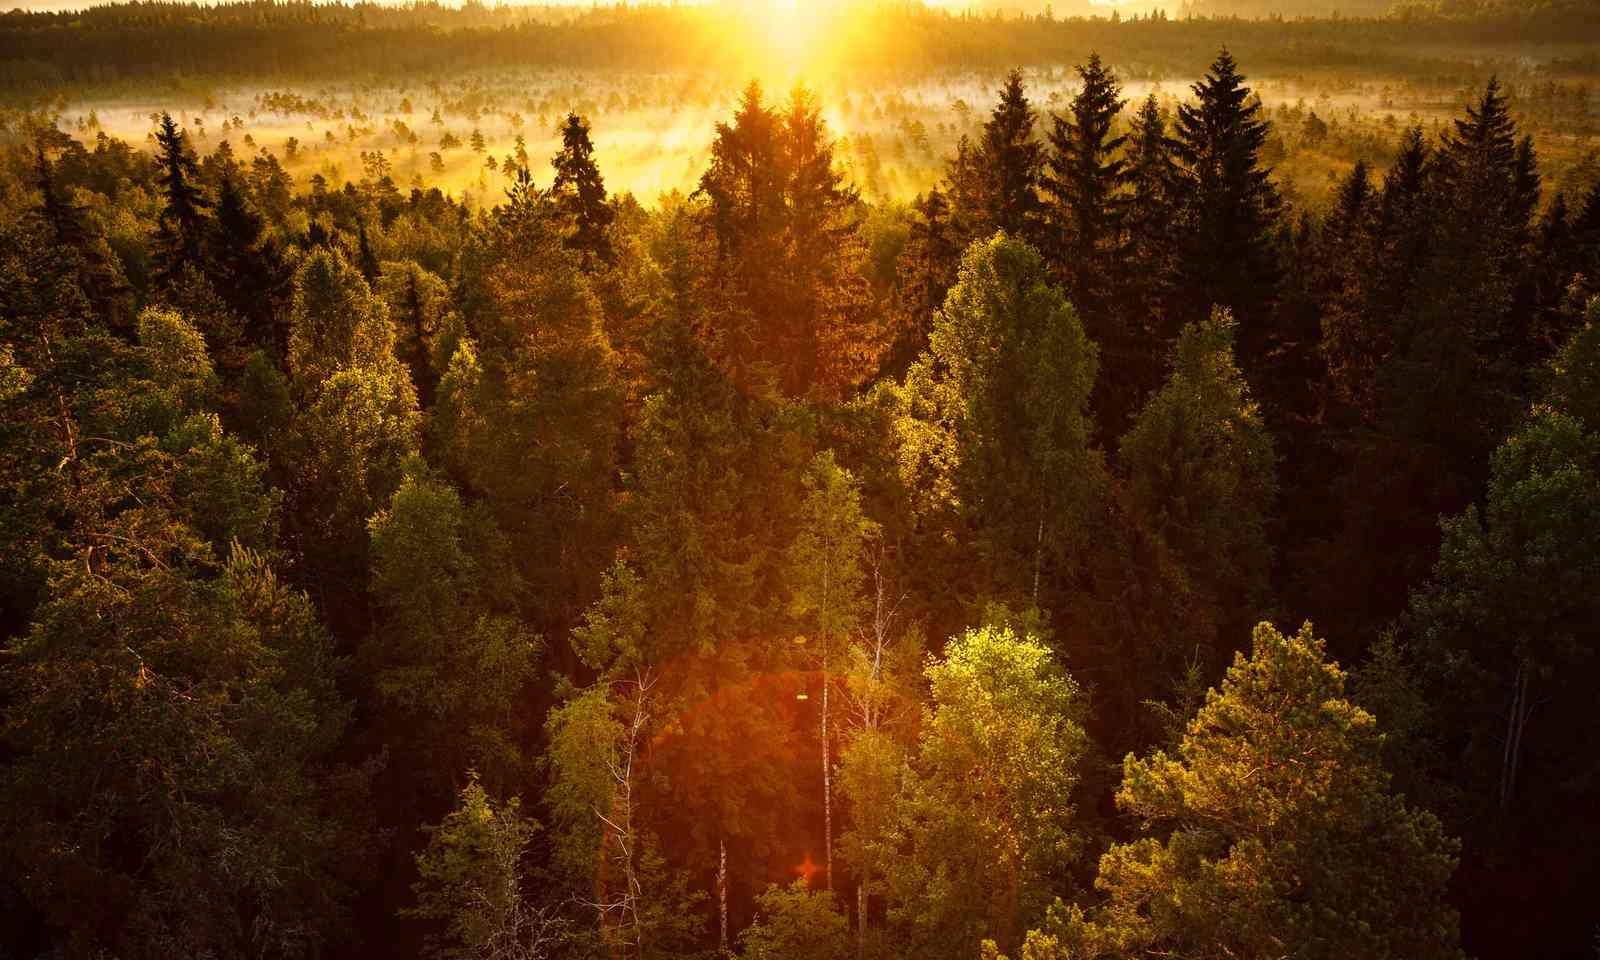 Autumnal forest (Shutterstock.com)